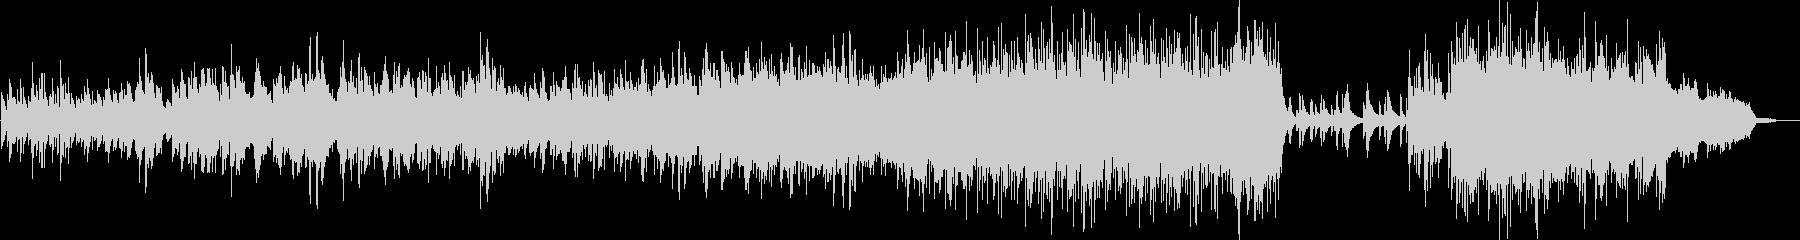 ノスタルジックで寂しい旋律のピアノ曲の未再生の波形